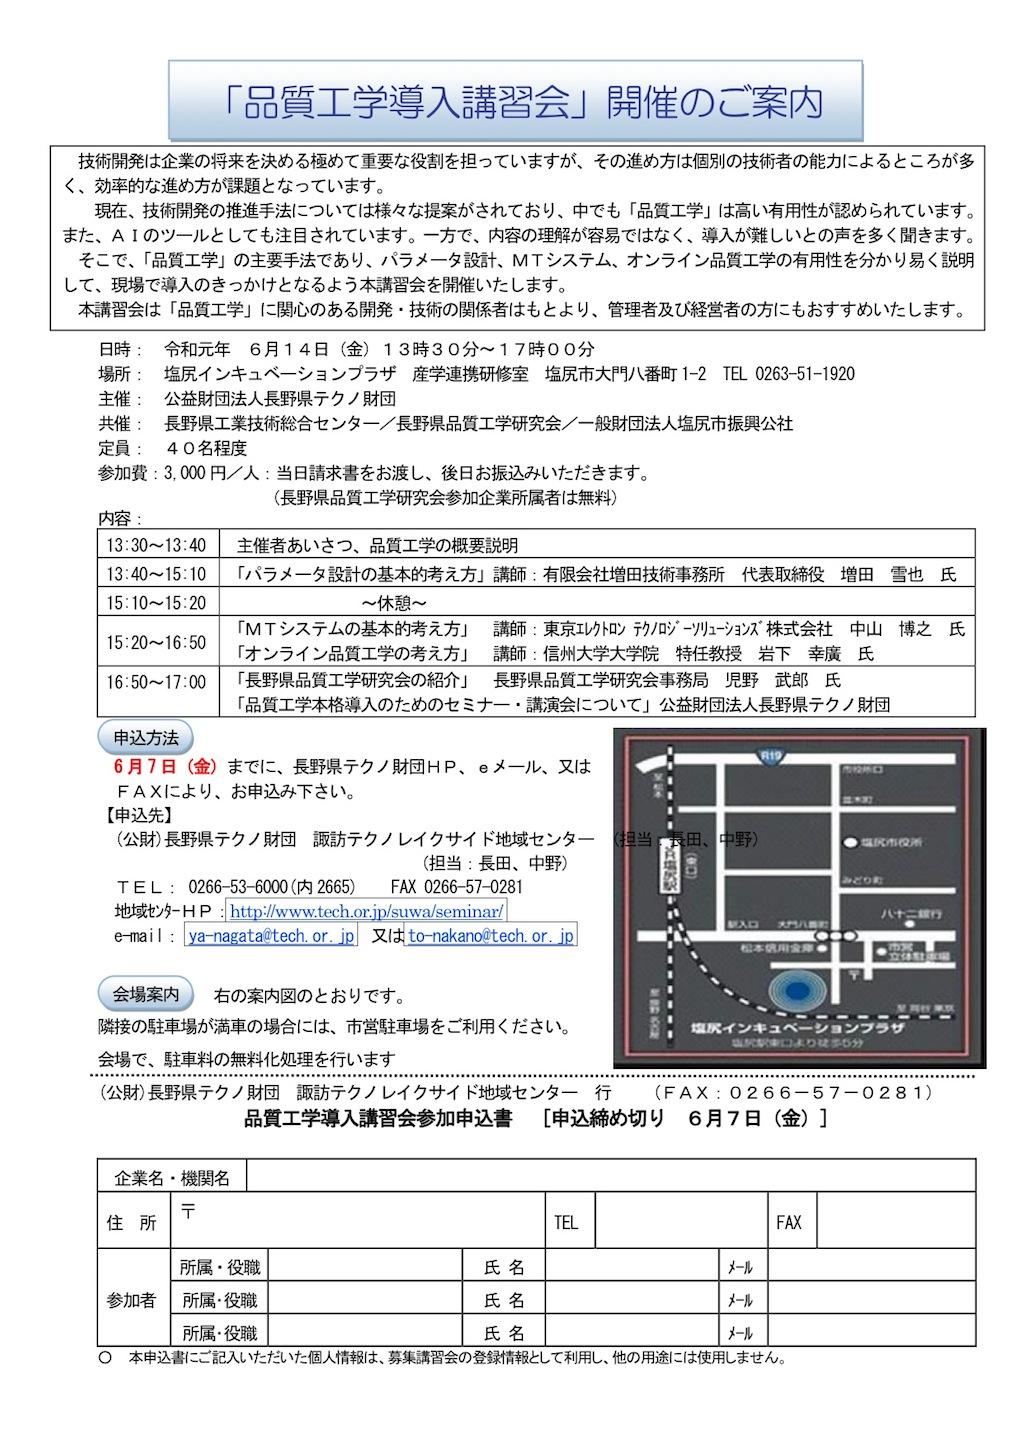 20190422品質工学導入講習会案内 新.jpg